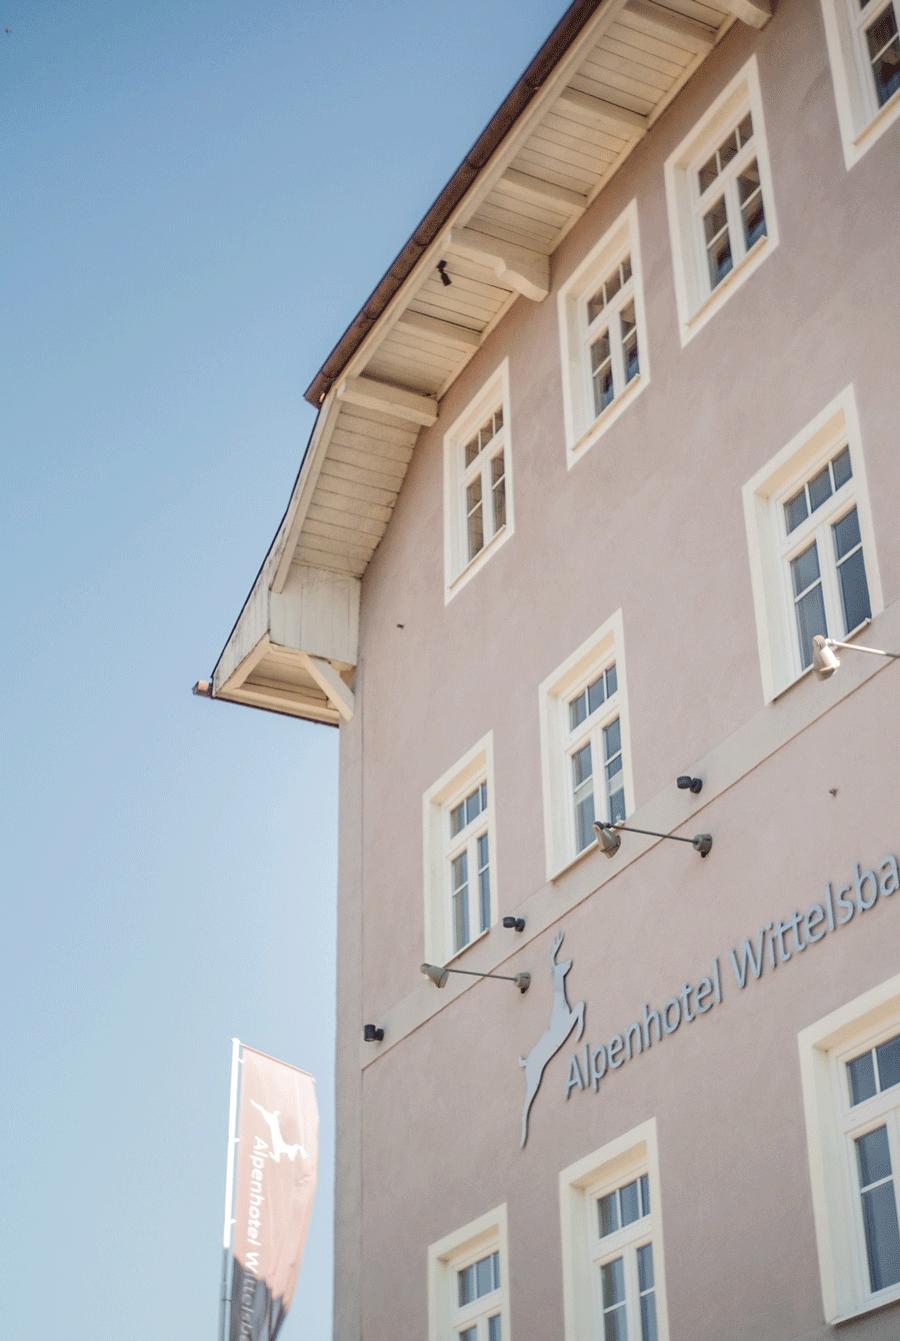 Alpenhotel Wittelsbach Ruhpolding Bayern Über